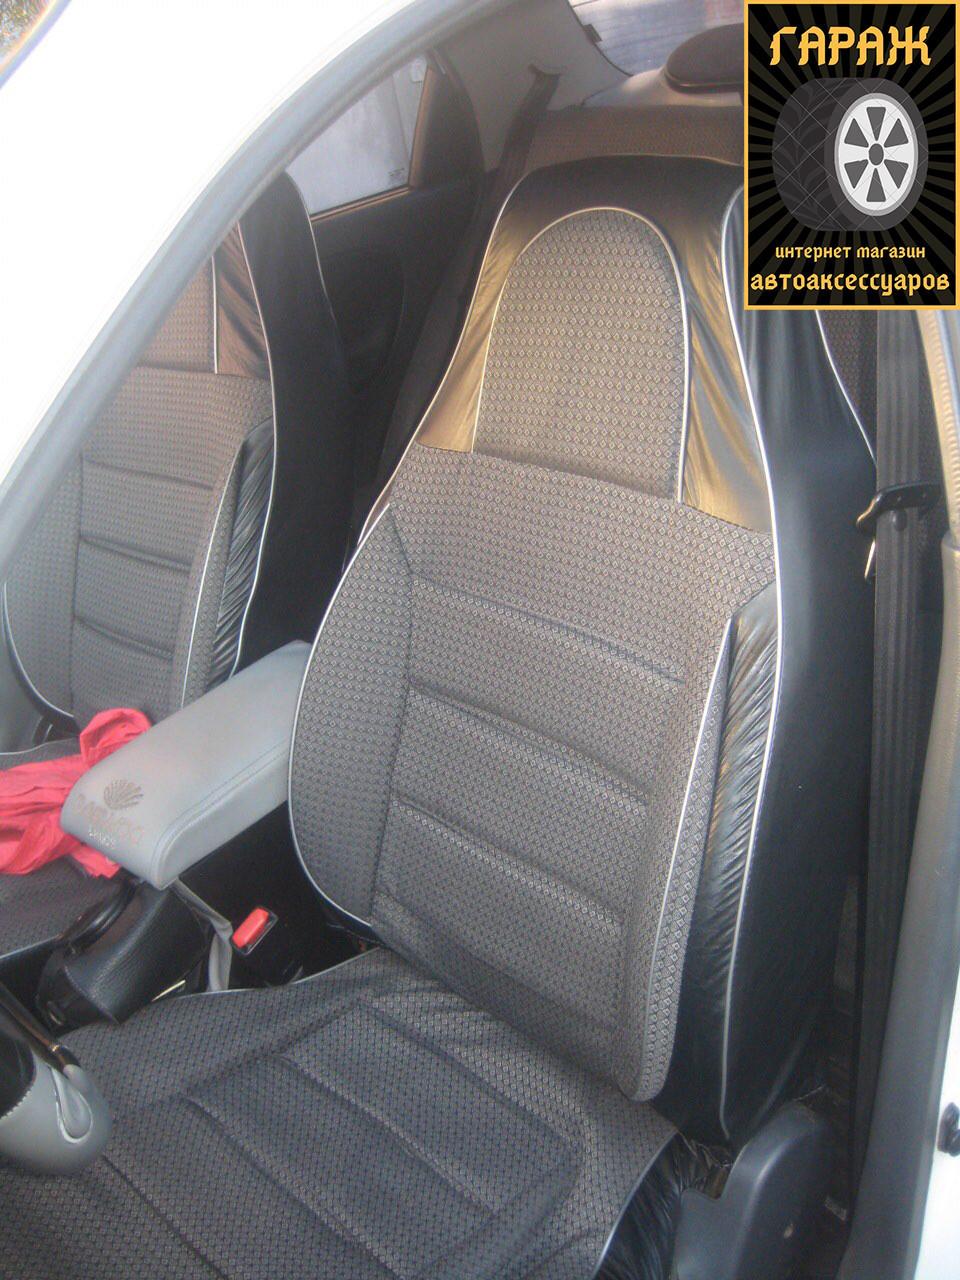 Чехлы сидений ВАЗ 2109 Пилот комплект кожзаменитель черный и ткань серая